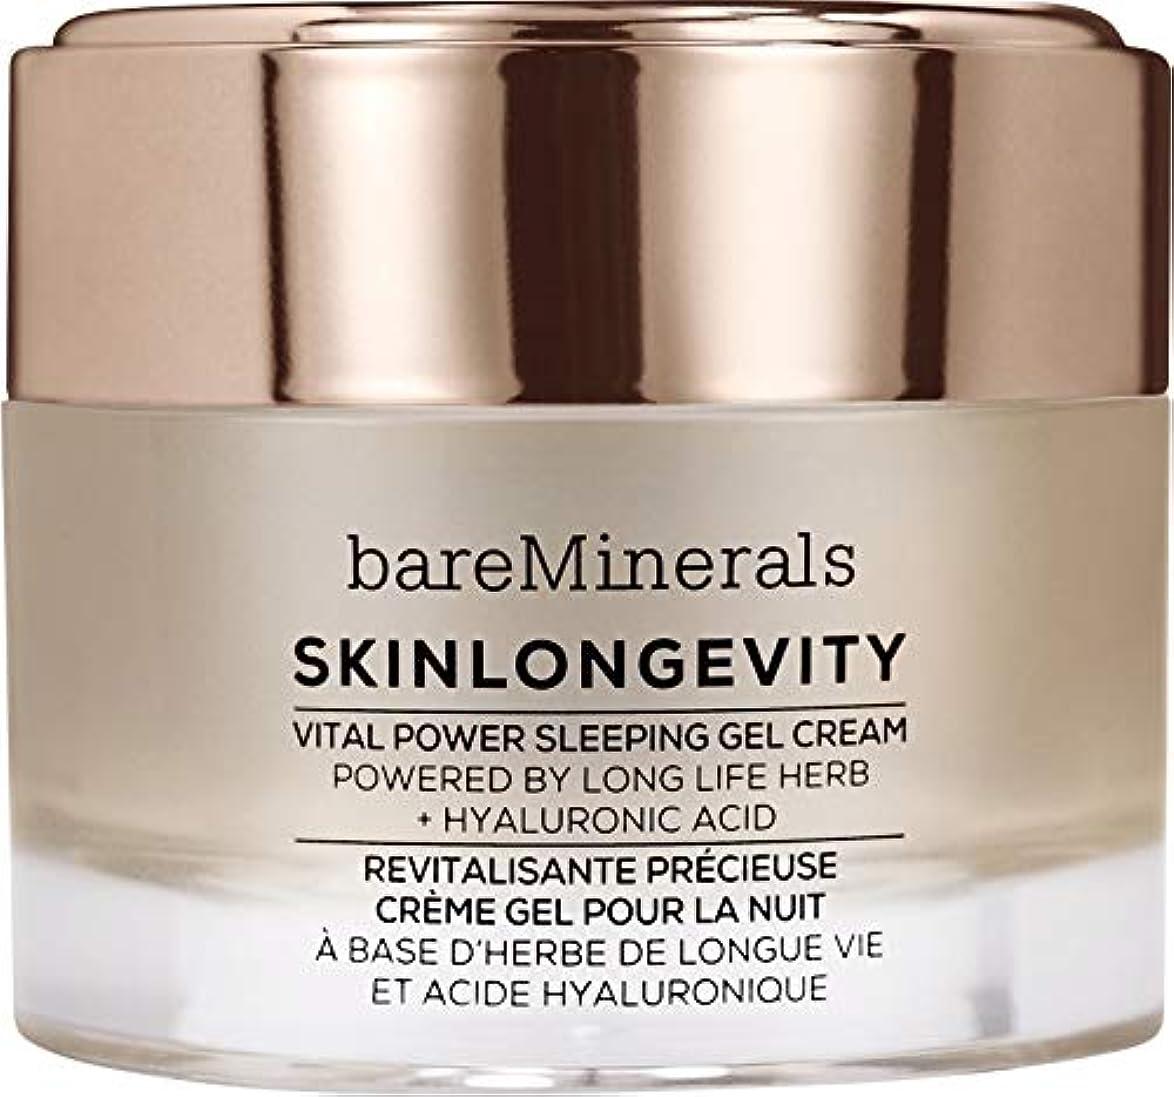 干ばつライオネルグリーンストリートロゴベアミネラル Skinlongevity Vital Power Sleeping Gel Cream 50g/1.7oz並行輸入品